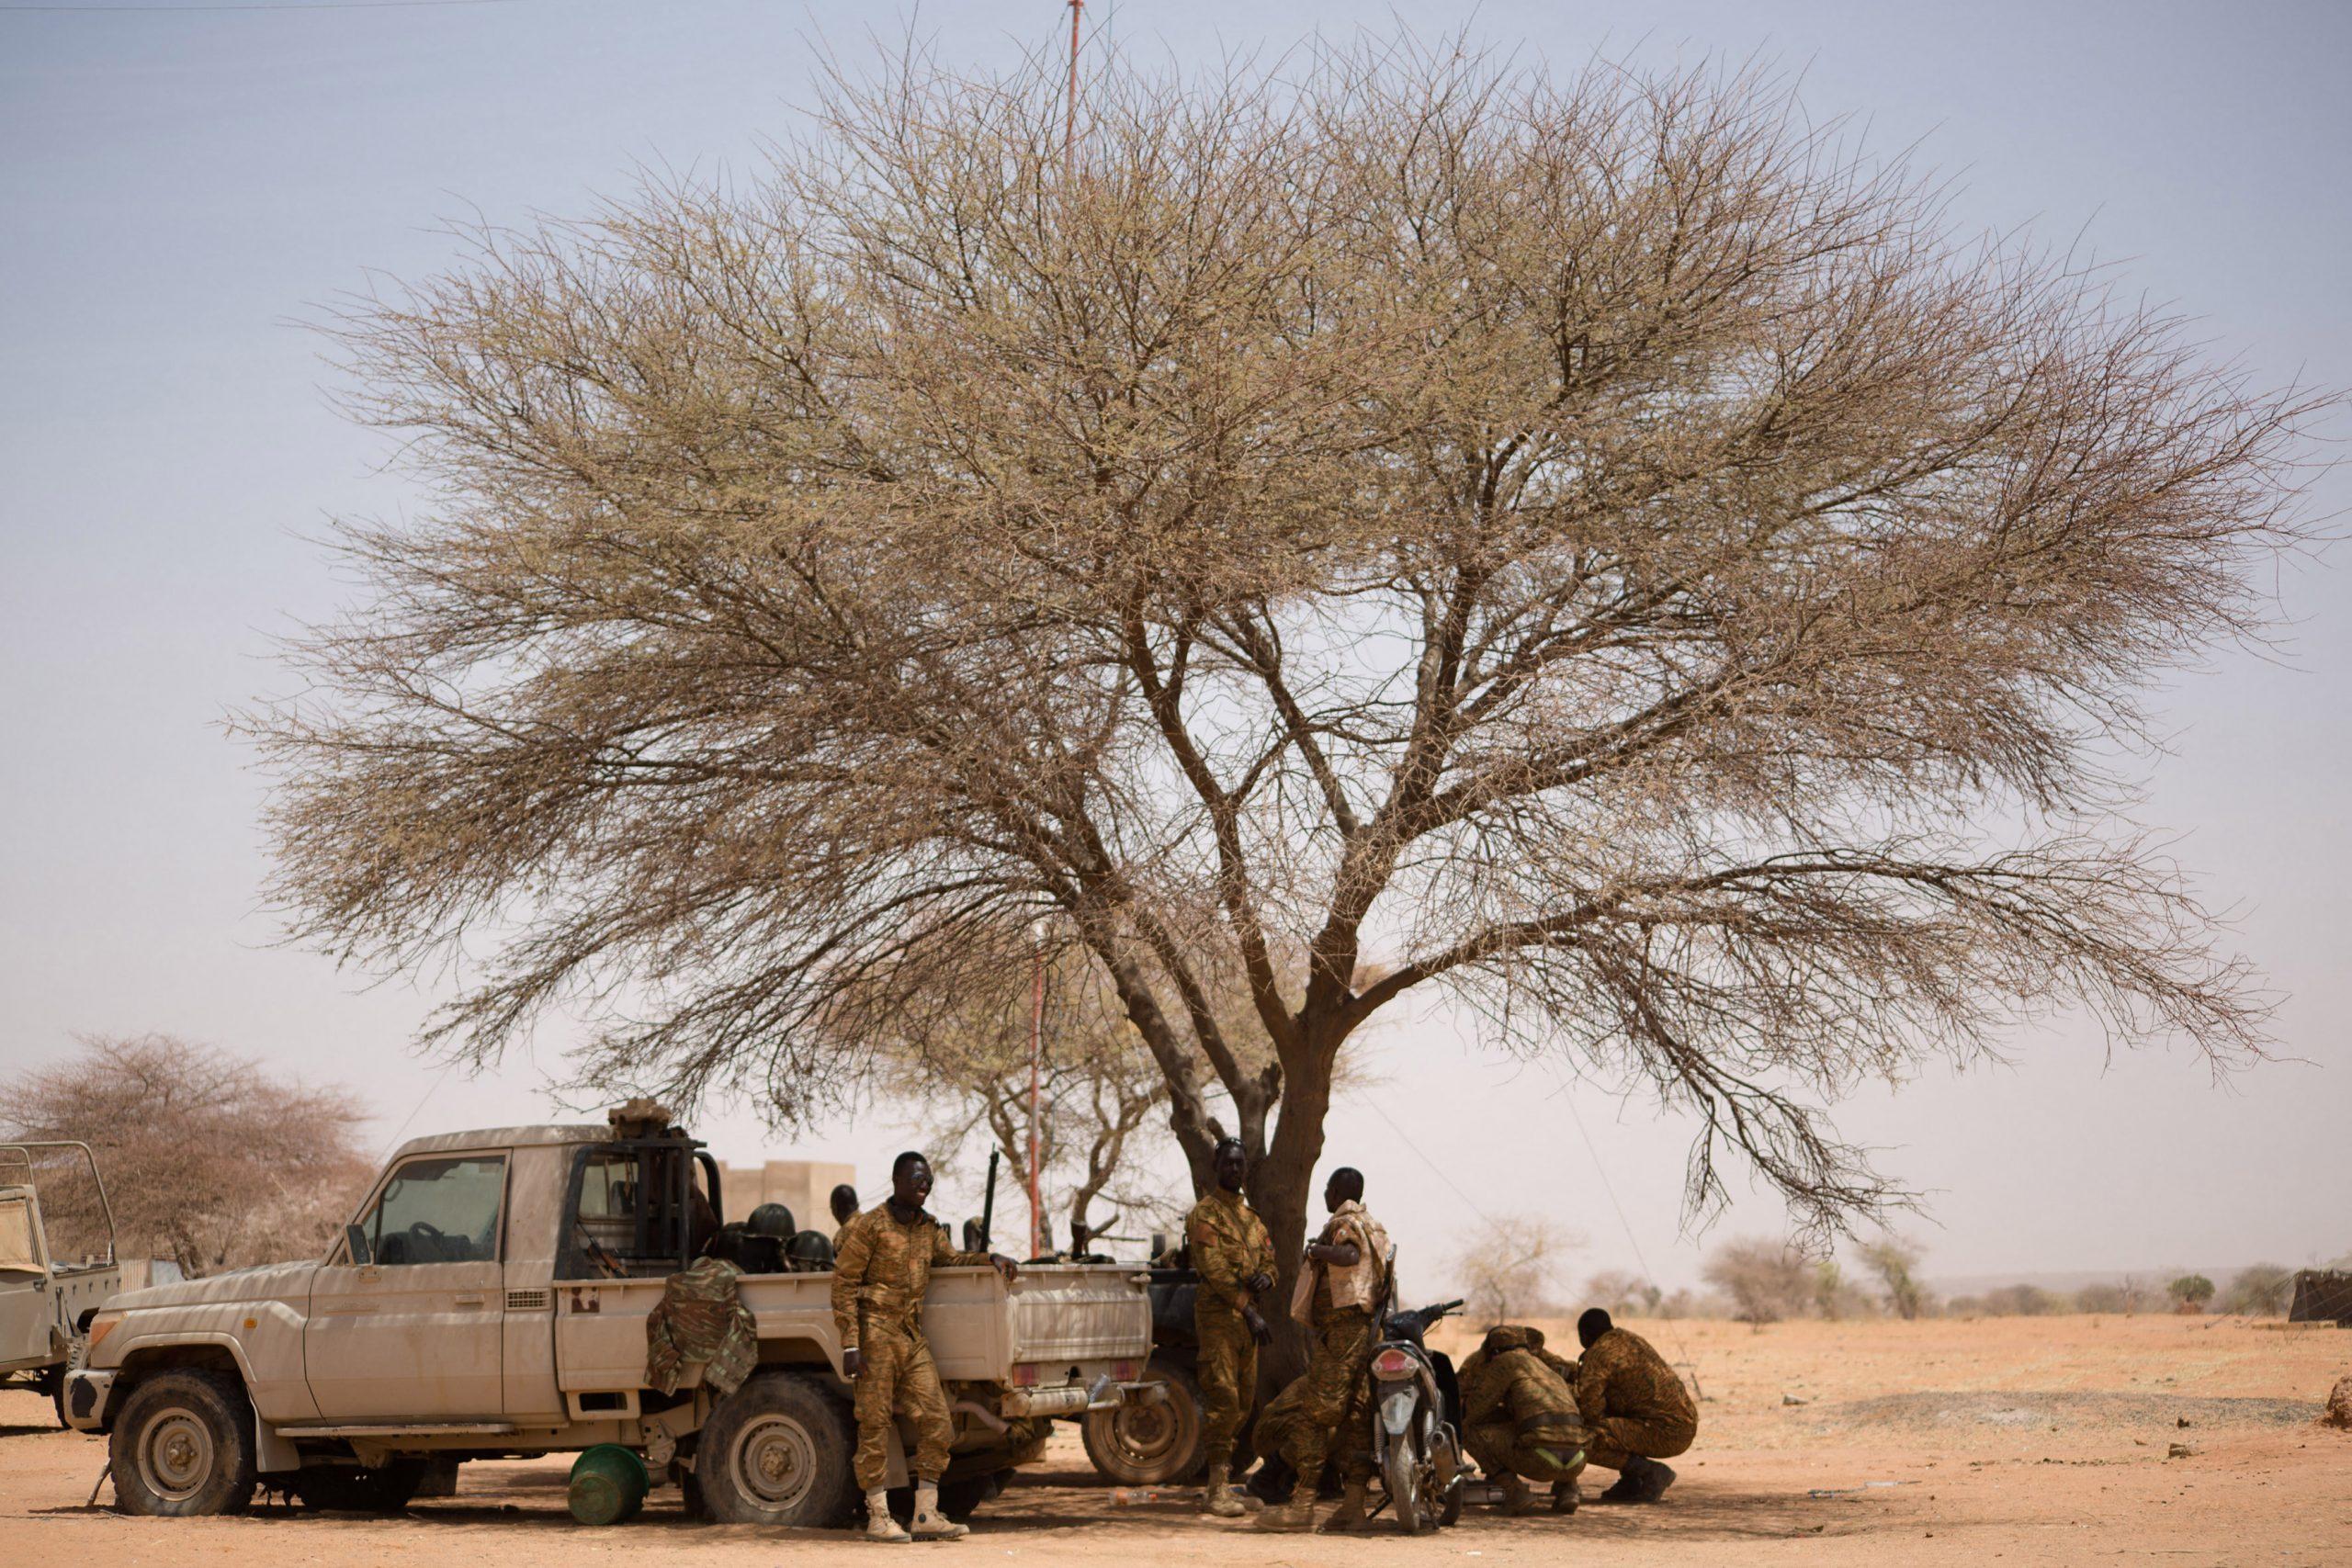 Les Forces Armées Nationales (FAN) du Burkina Faso positionnées près de la frontière du Mali.